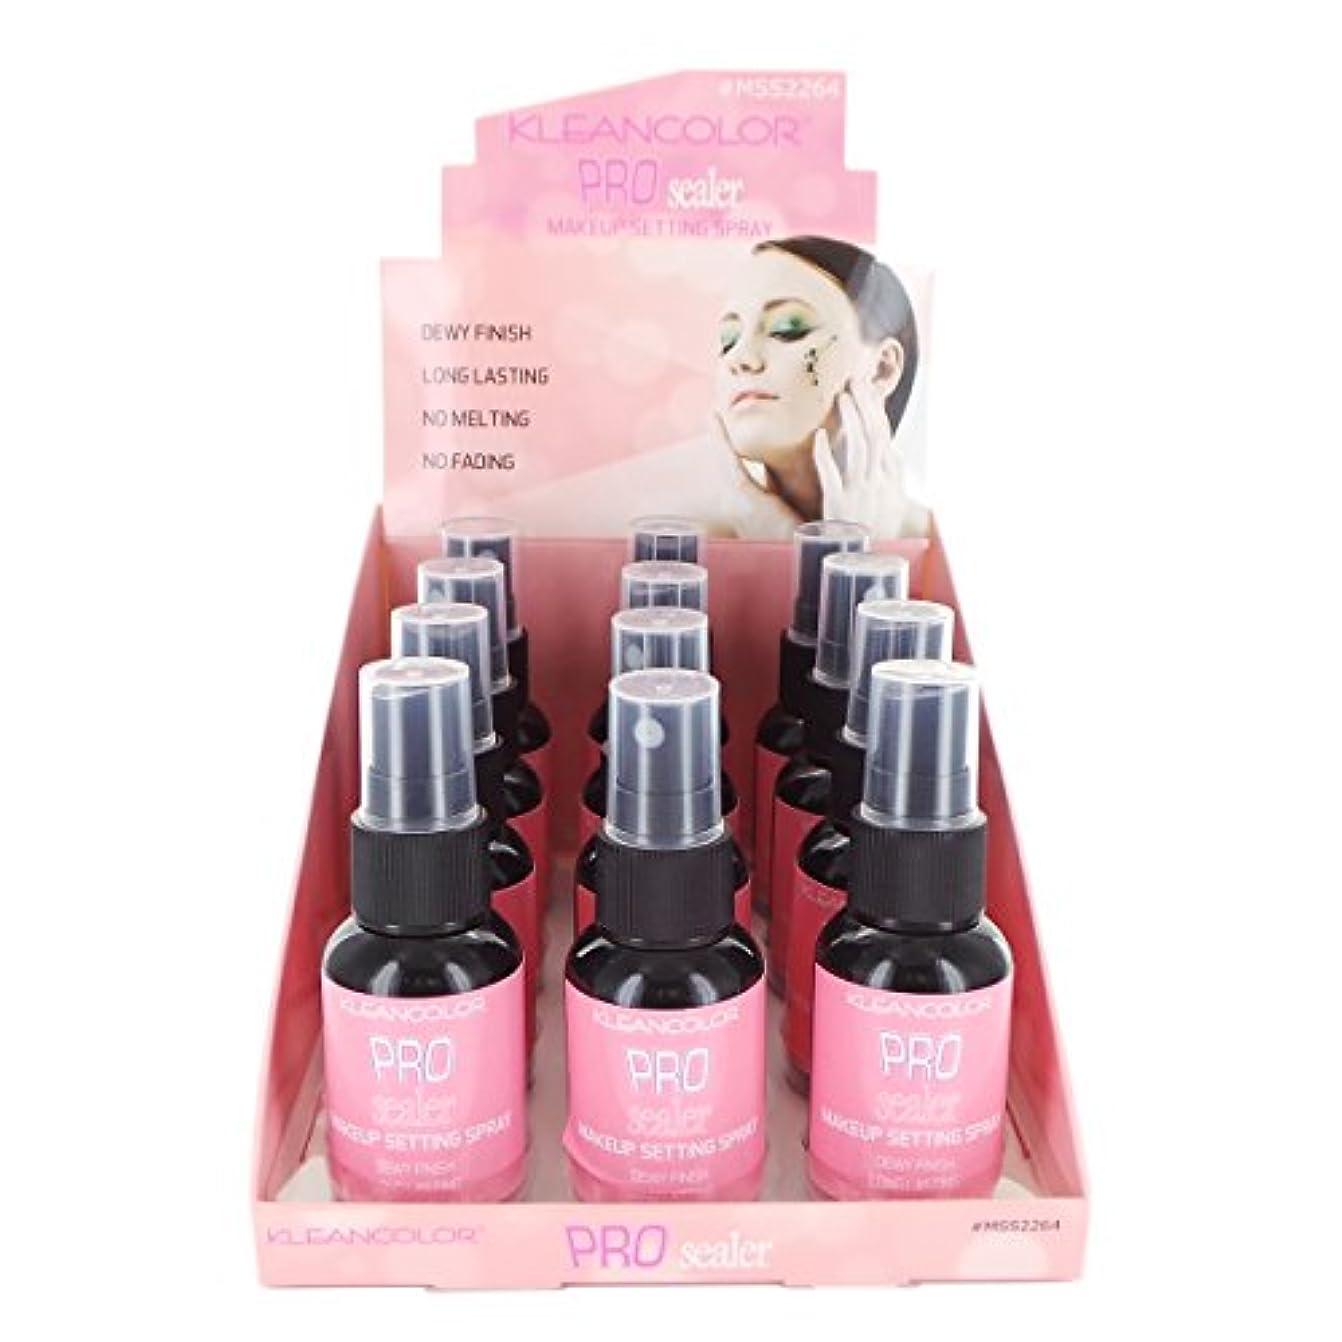 比較的に向けて出発リーンKLEANCOLOR Pro Sealer Makeup Setting Spray Display Set, 12 Pieces (並行輸入品)